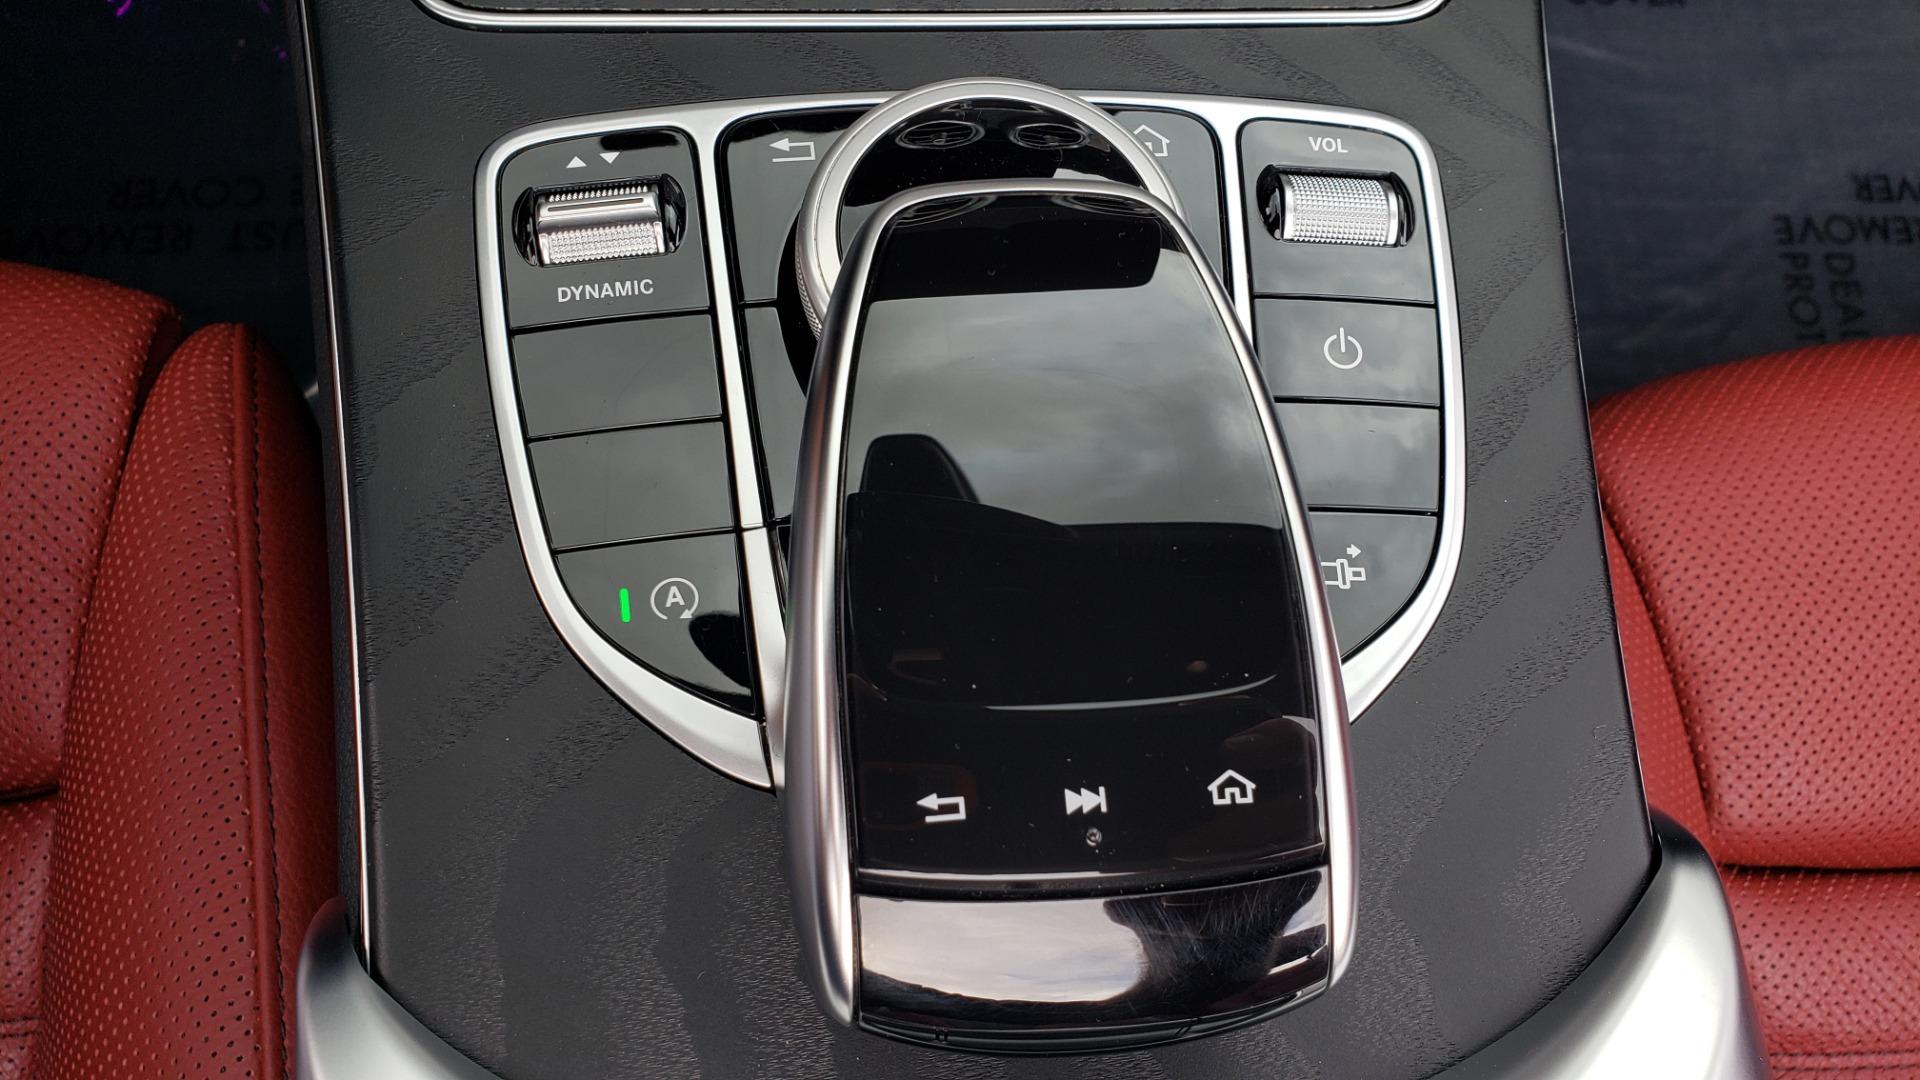 Used 2019 Mercedes-Benz C-CLASS C 300 CABRIOLET / PREM PKG / NAV / BURMESTER / MULTIMEDIA for sale Sold at Formula Imports in Charlotte NC 28227 51